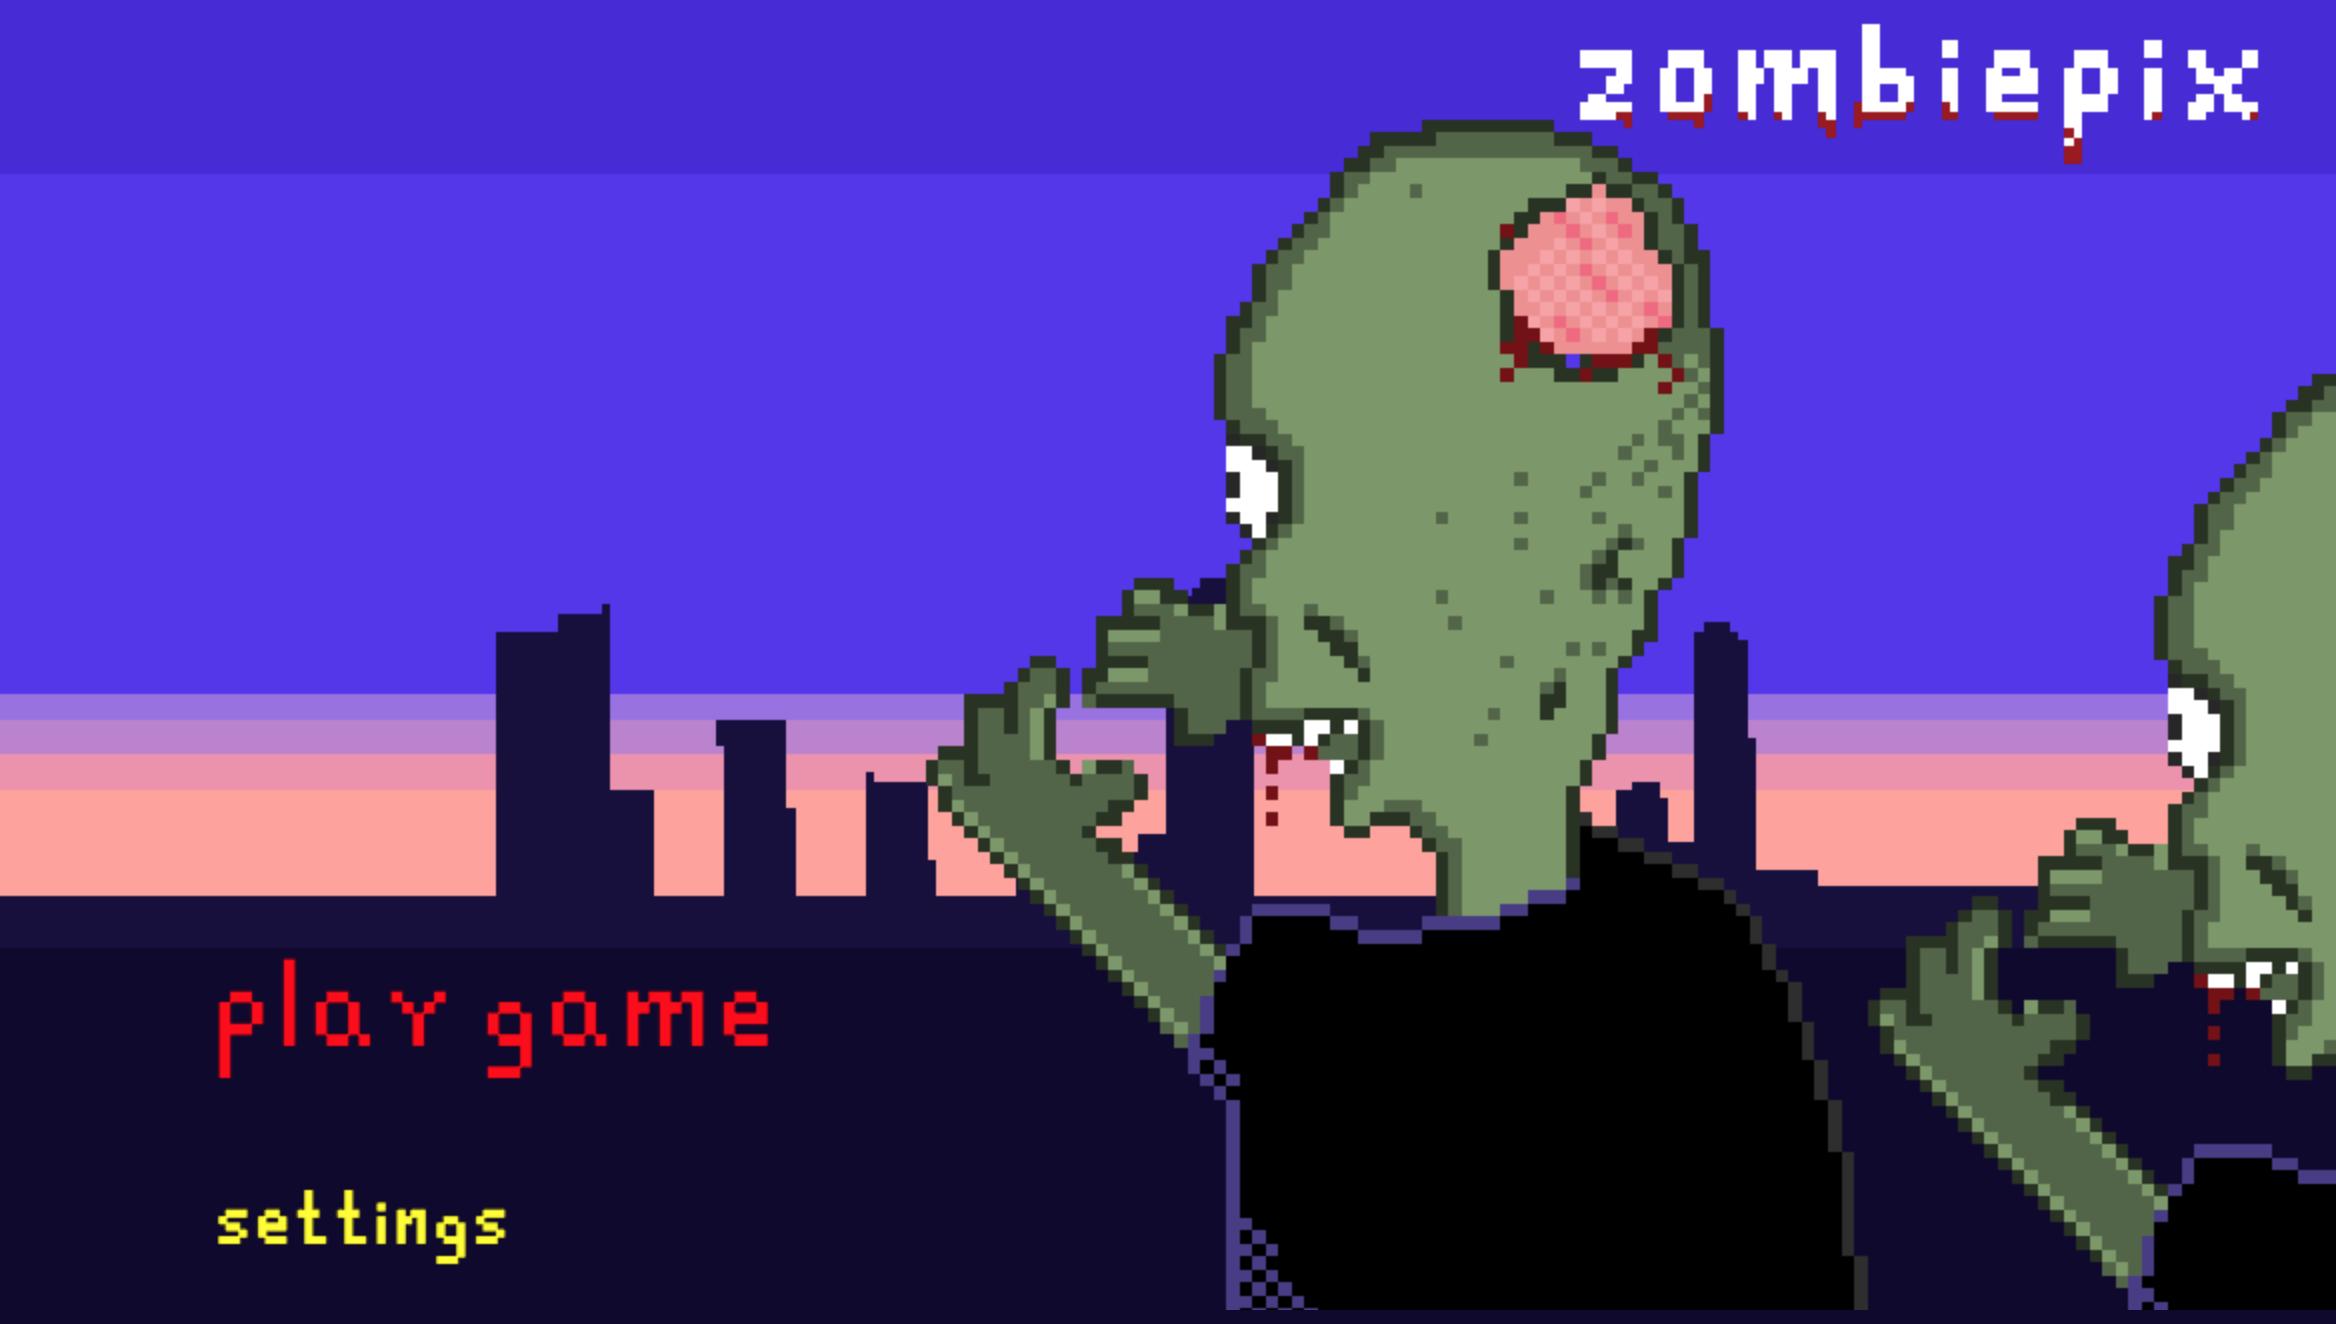 zombiepix